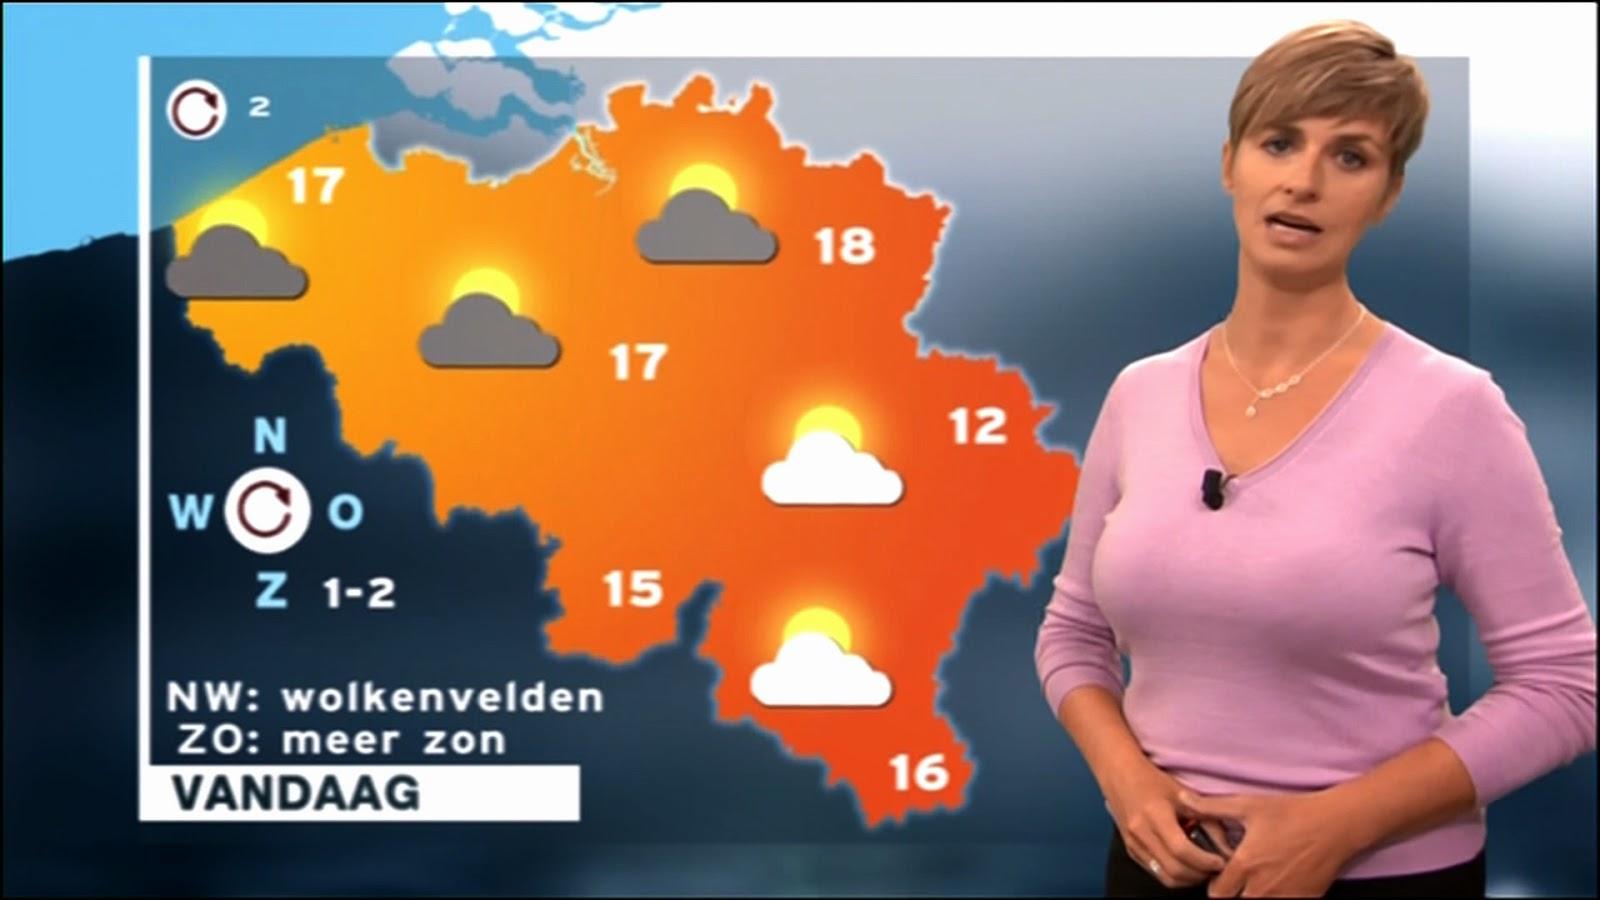 Sabine hagedoren vlaamse weervrouw september 2014 - Hoe een stuk scheiden ...